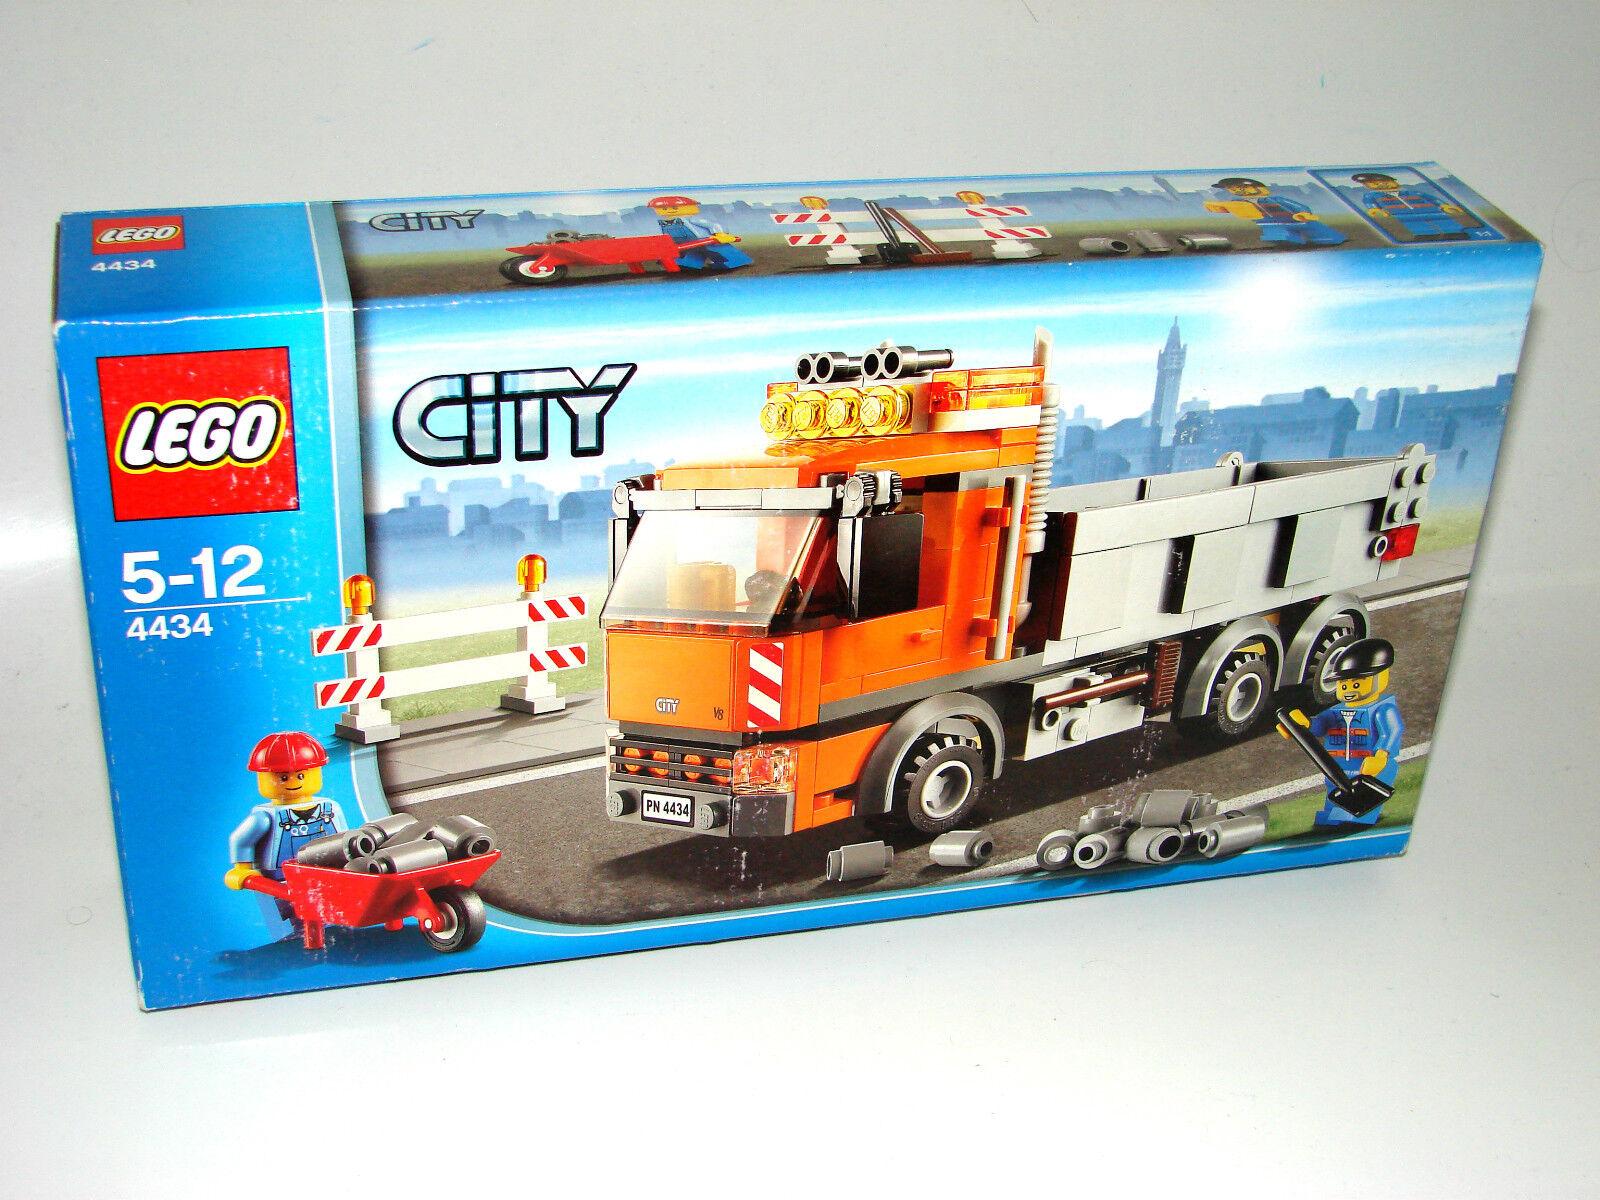 LEGO ® City 4434 très Camion nouveau neuf dans sa boîte _ Tripper Camion NEW En parfait état, dans sa boîte scellée Boîte d'origine jamais ouverte